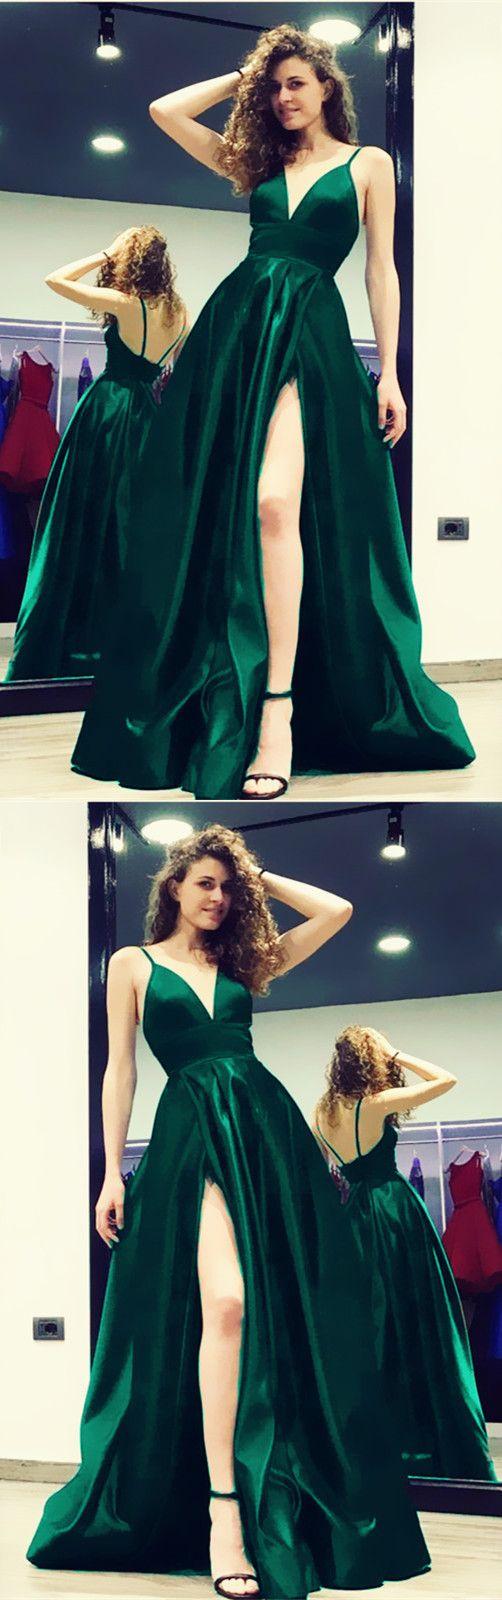 Black satin vneck evening gowns long slit prom dresses in